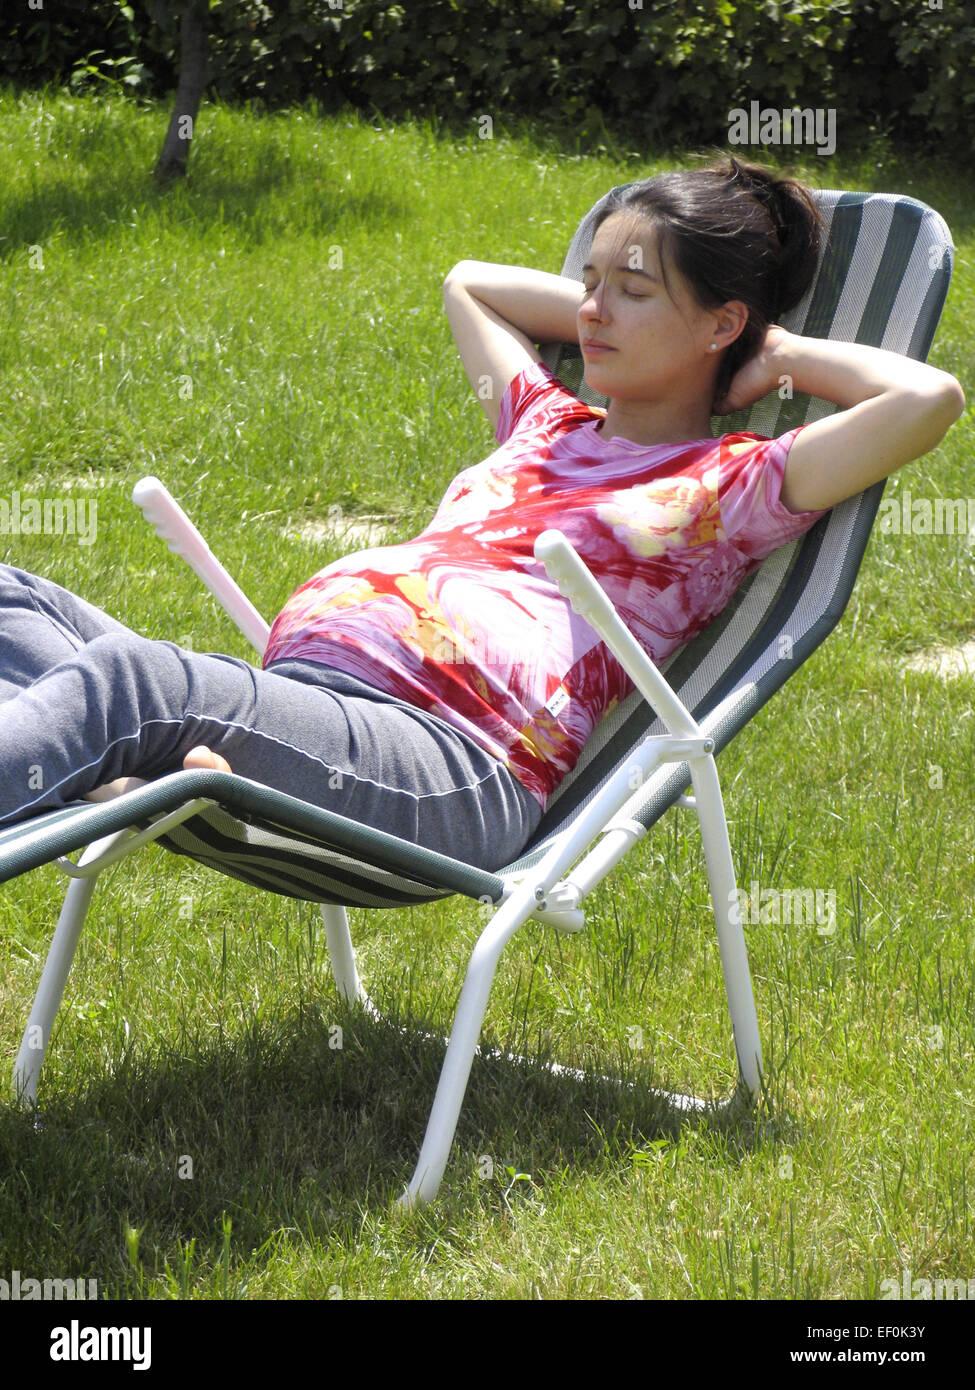 Liegestuhl Liegen.Schwangere Frau Sitzen Jung Bauch Schwangerschaft Liegen